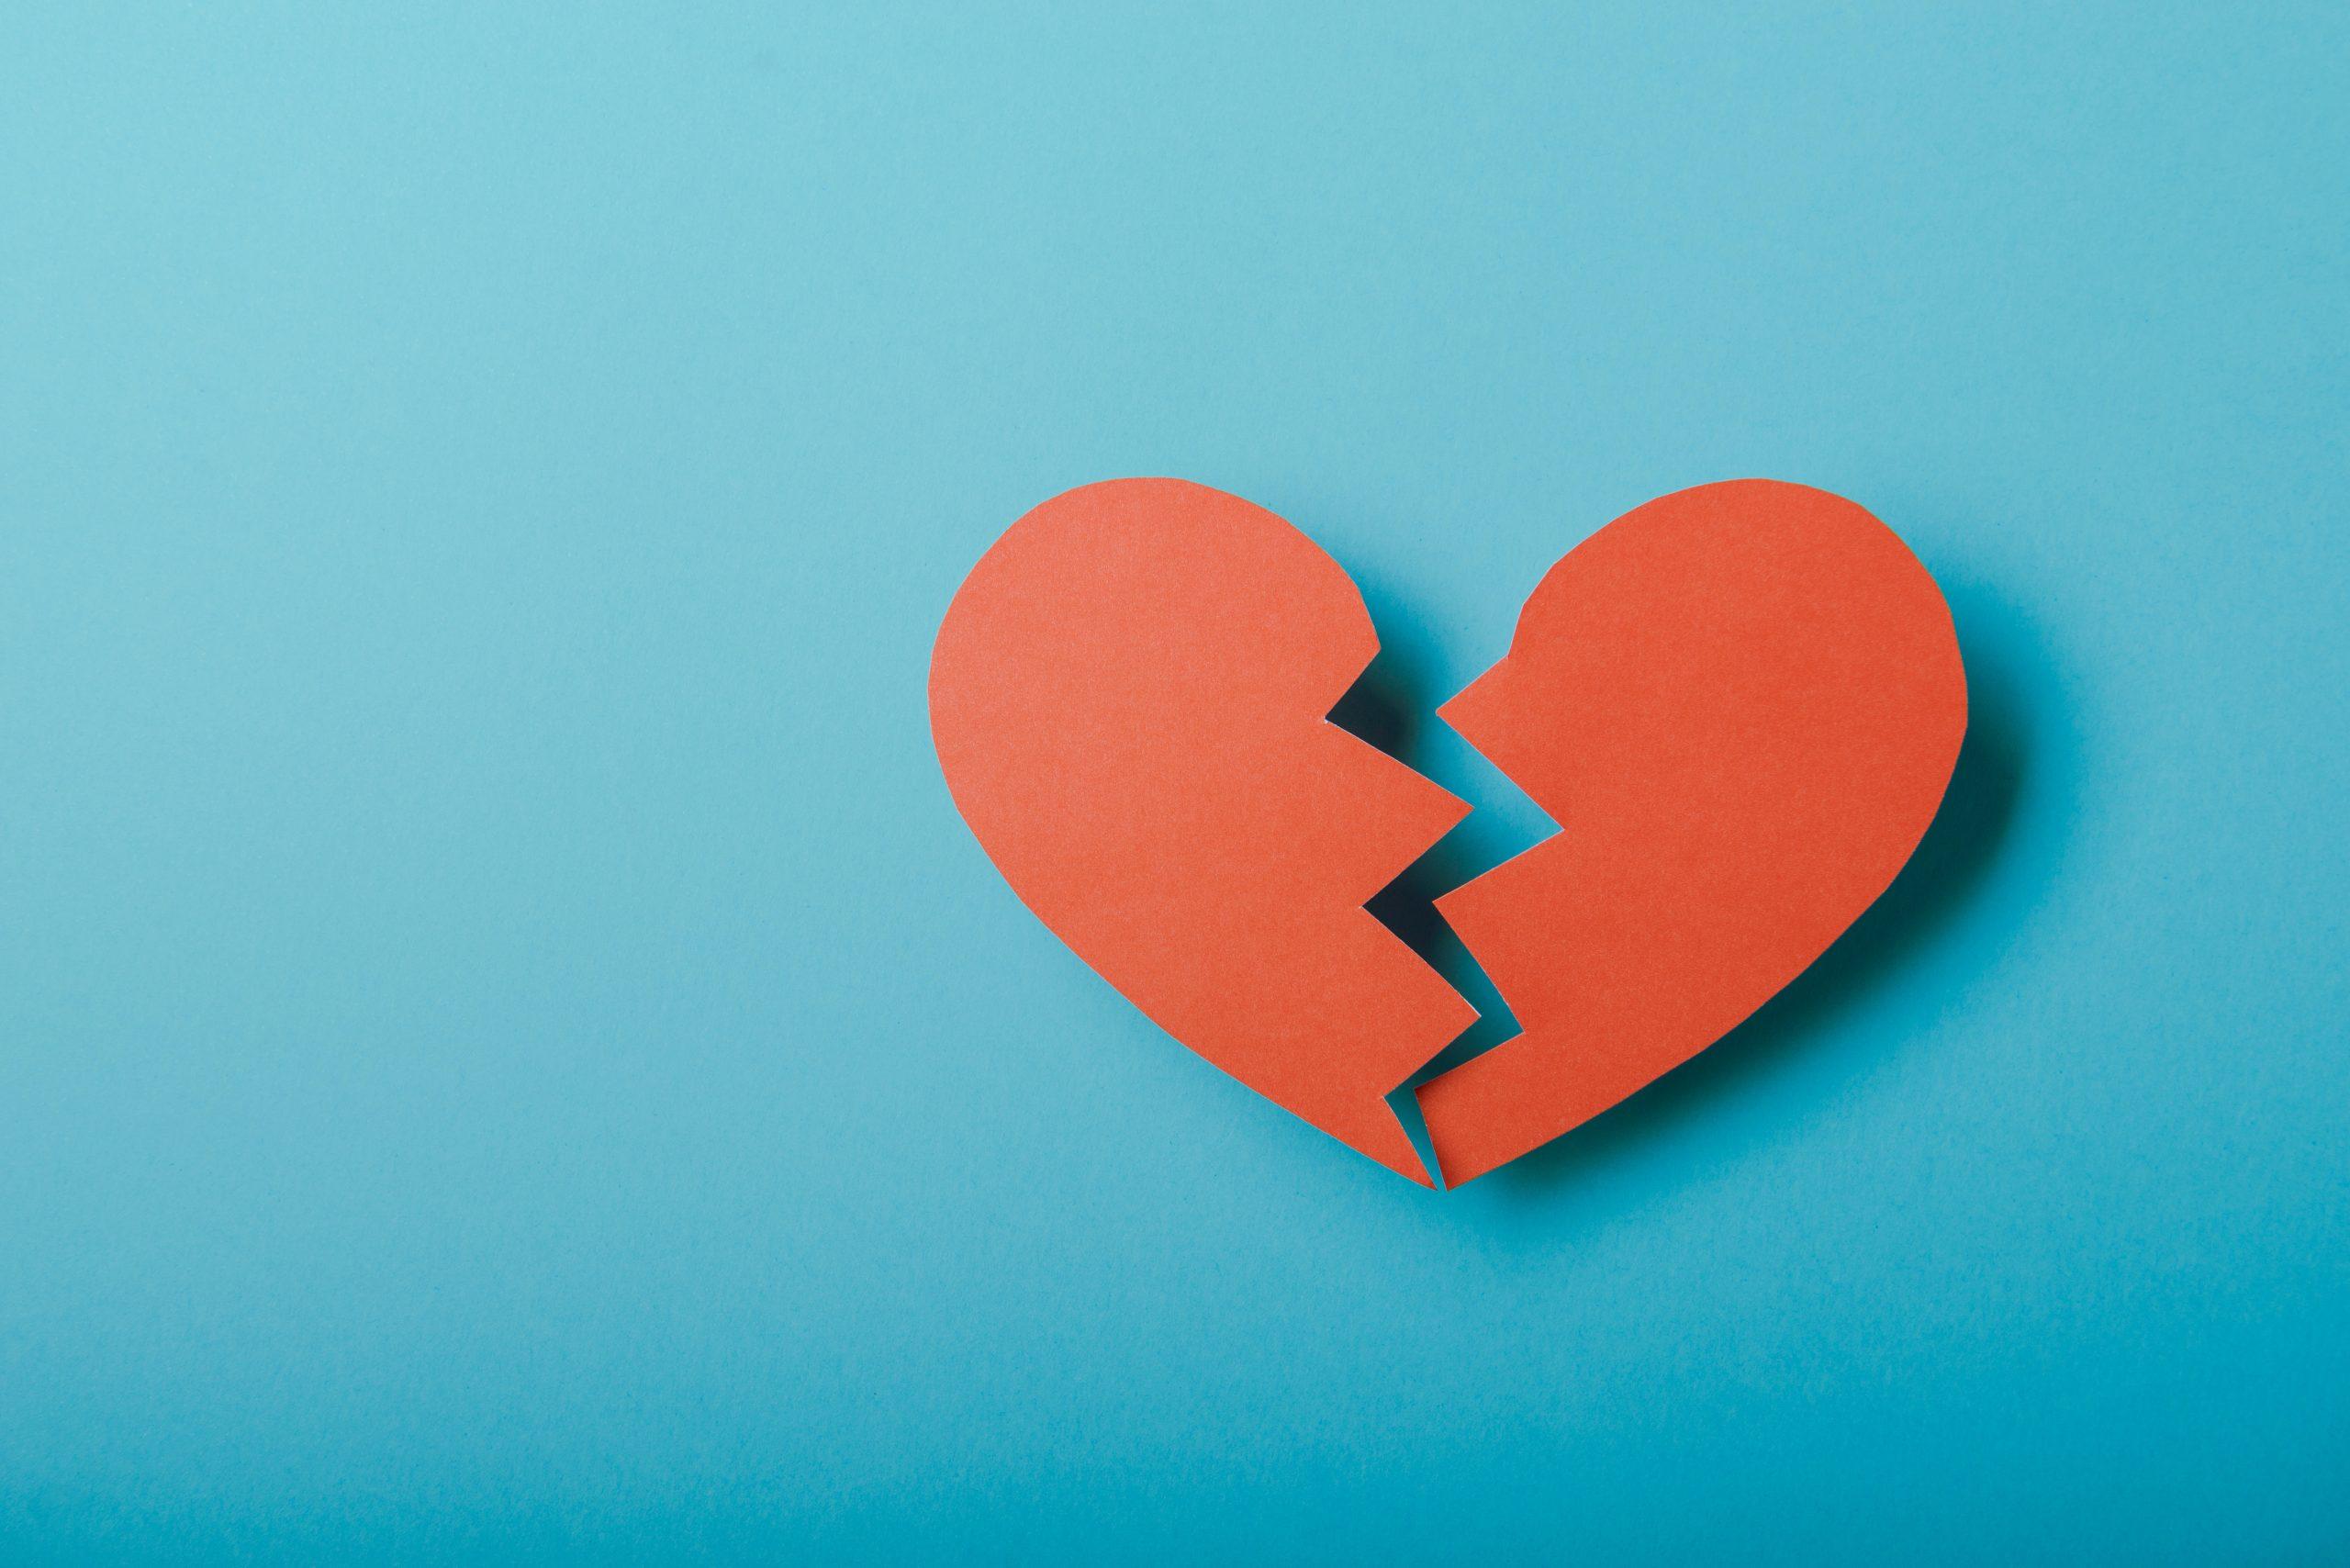 La hora sad: 10 tragedias que todos hemos pasado en un 14 de febrero